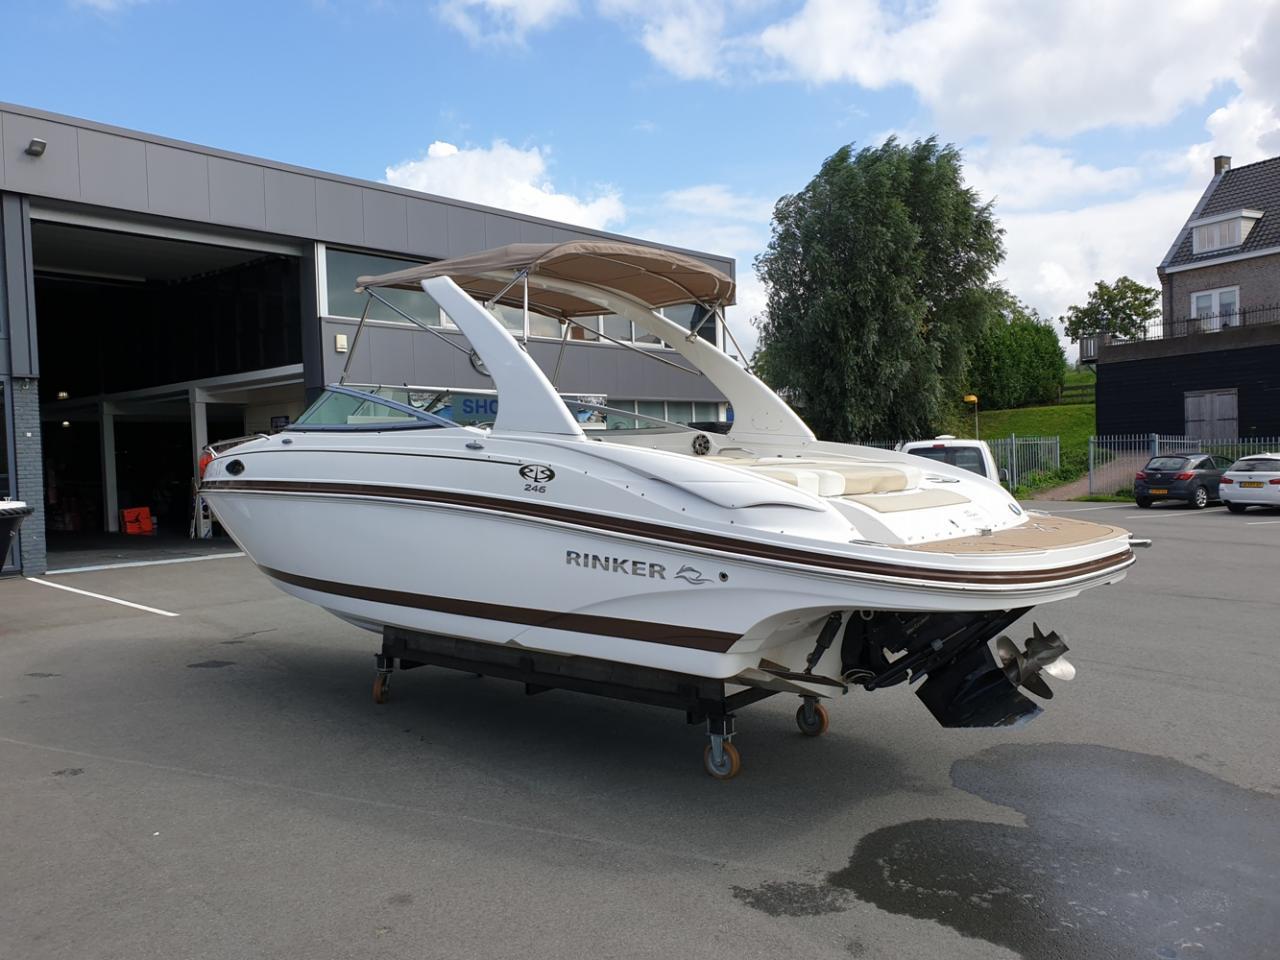 Rinker 246 speedboot met Mercruiser 5.7 MPI V8 300 pk! 3